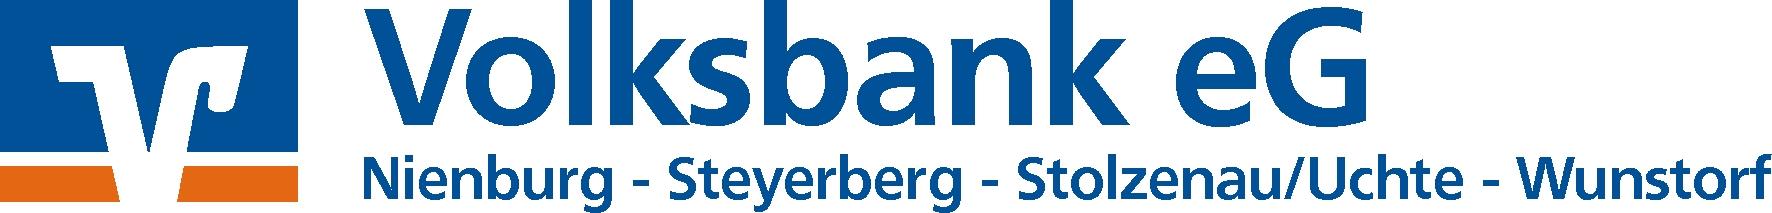 Volksbank eG Nienburg